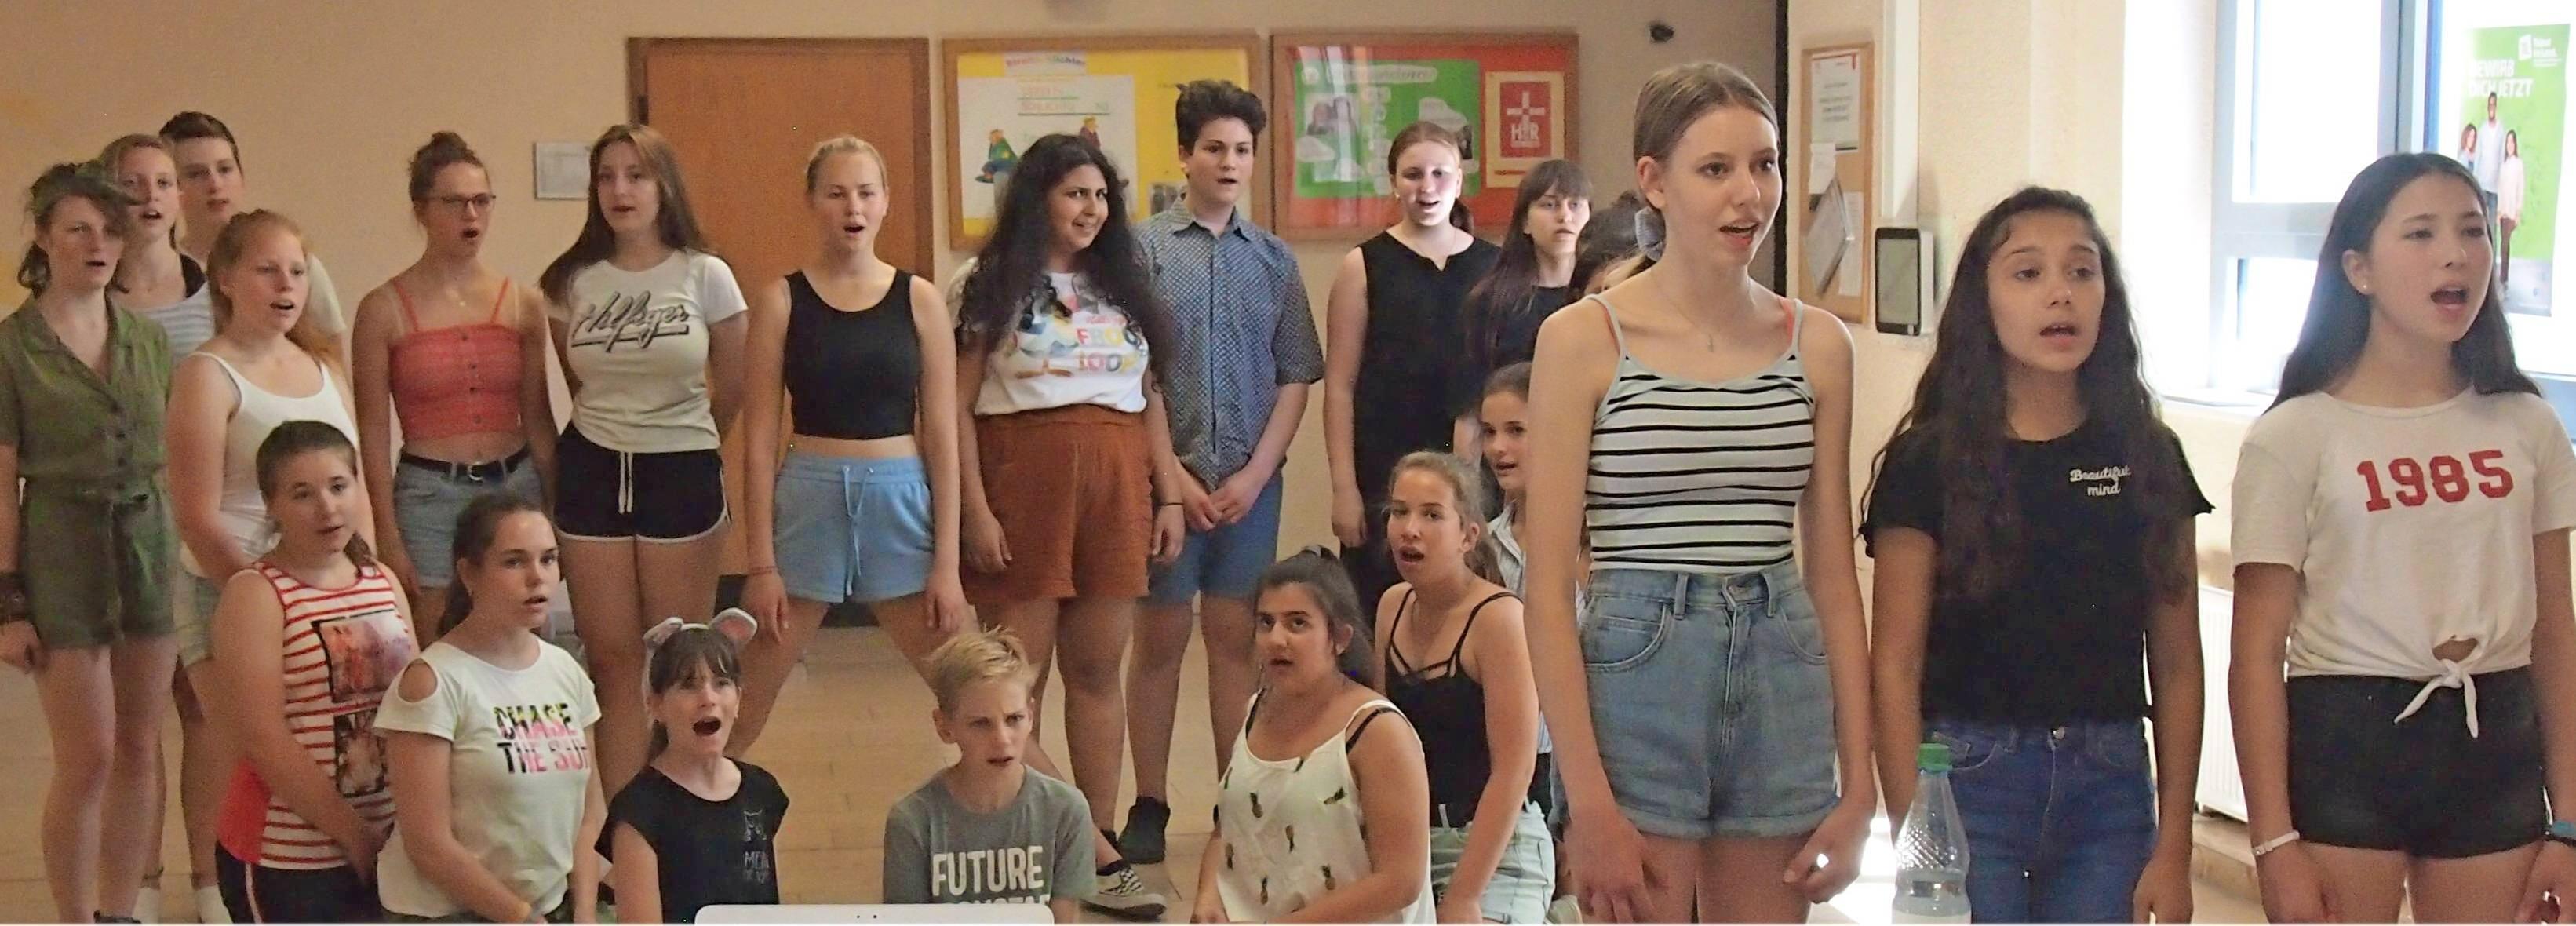 """Mit großer Begeisterung proben die Schülerinnen und Schüler der Hermann-Greiner-Realschule Neckarsulm für das Musical """"Oliver Twist"""". Foto: privat"""